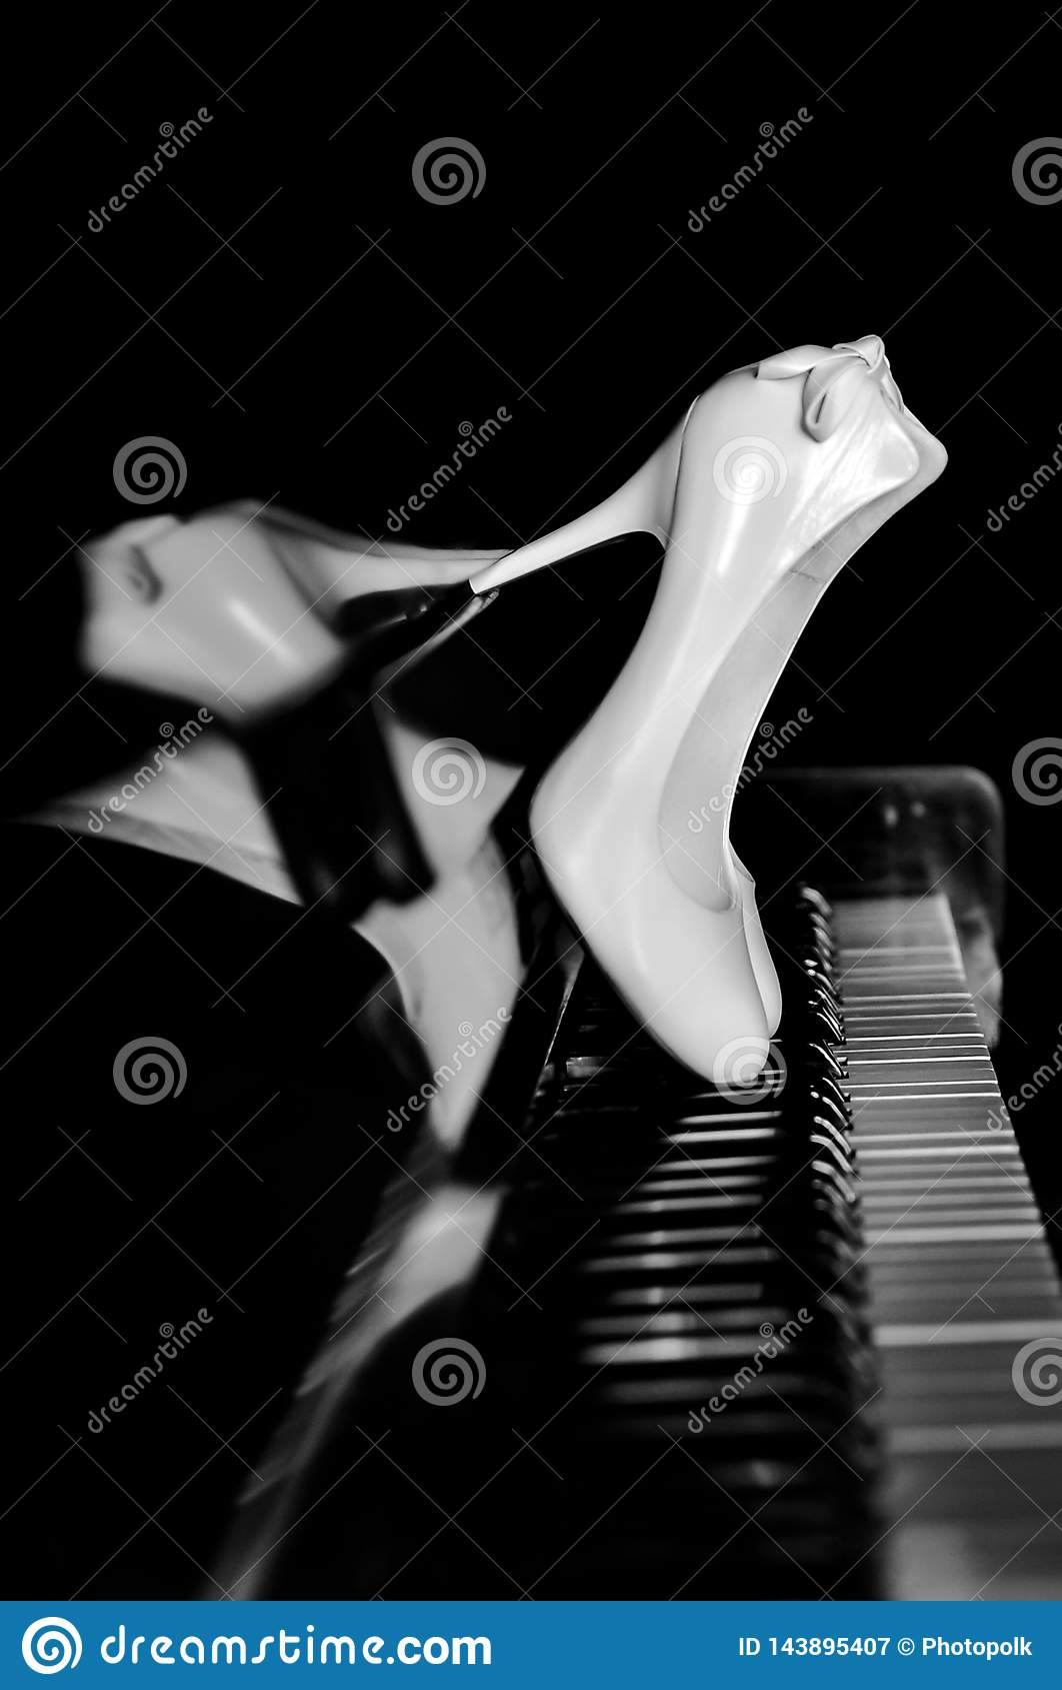 Άσπρα παπούτσια της νύφης στα κλειδιά πιάνων